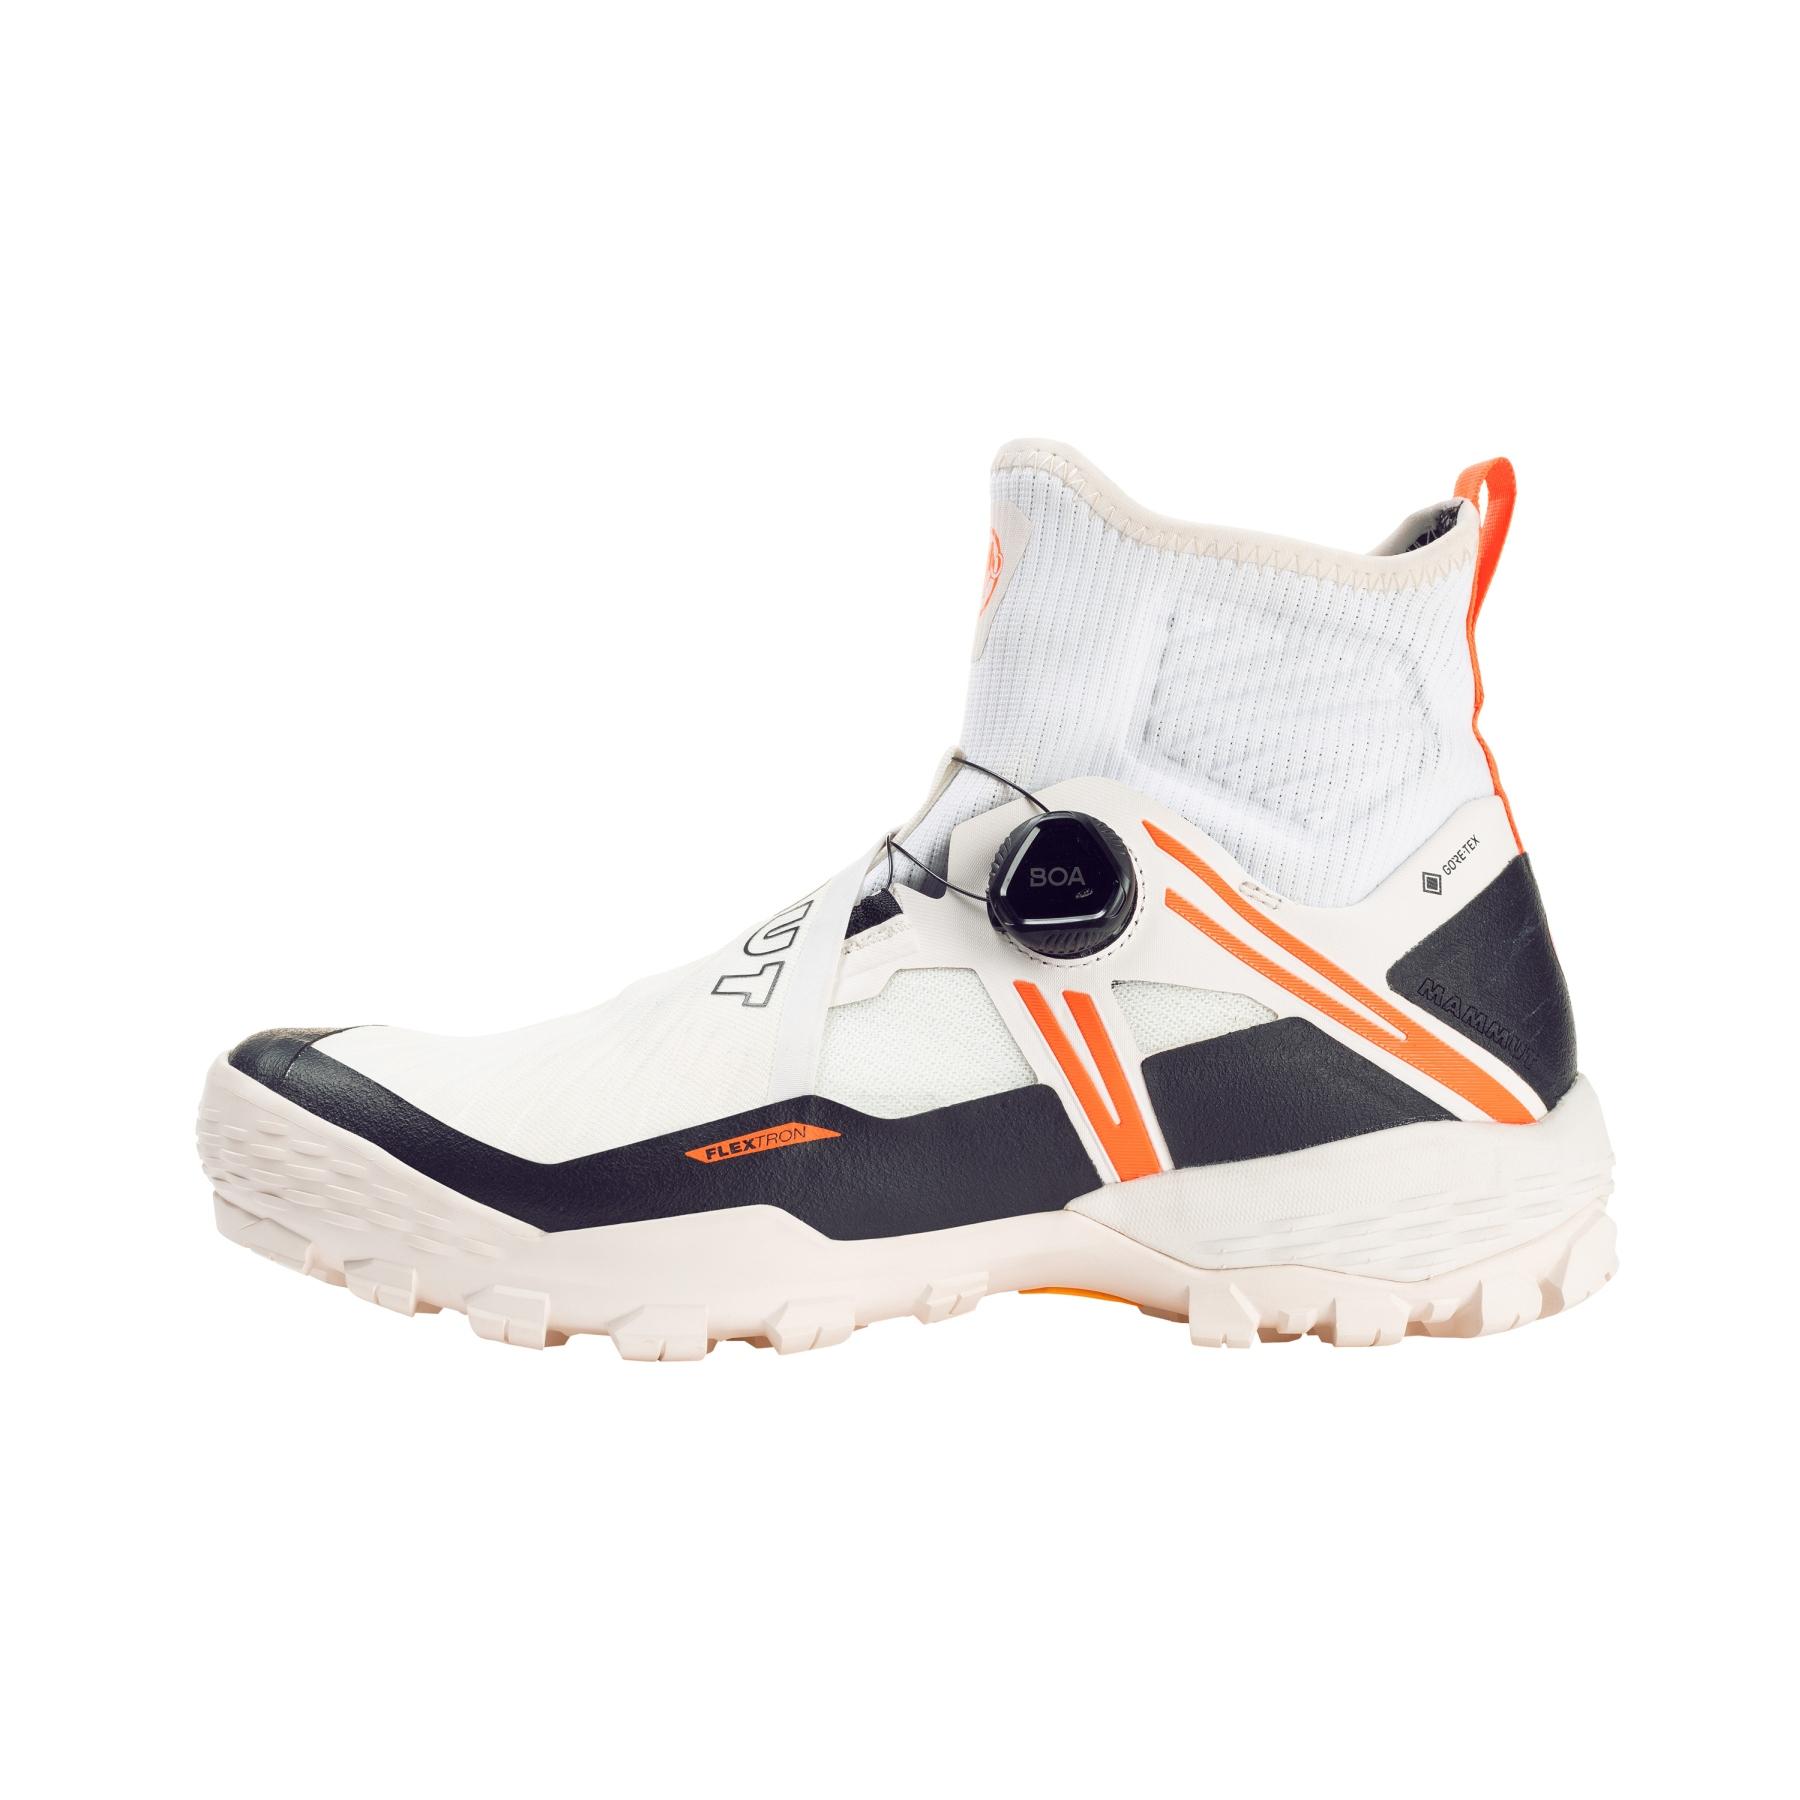 Mammut Ducan BOA® High GTX® Zapatillas para hombre - white-black